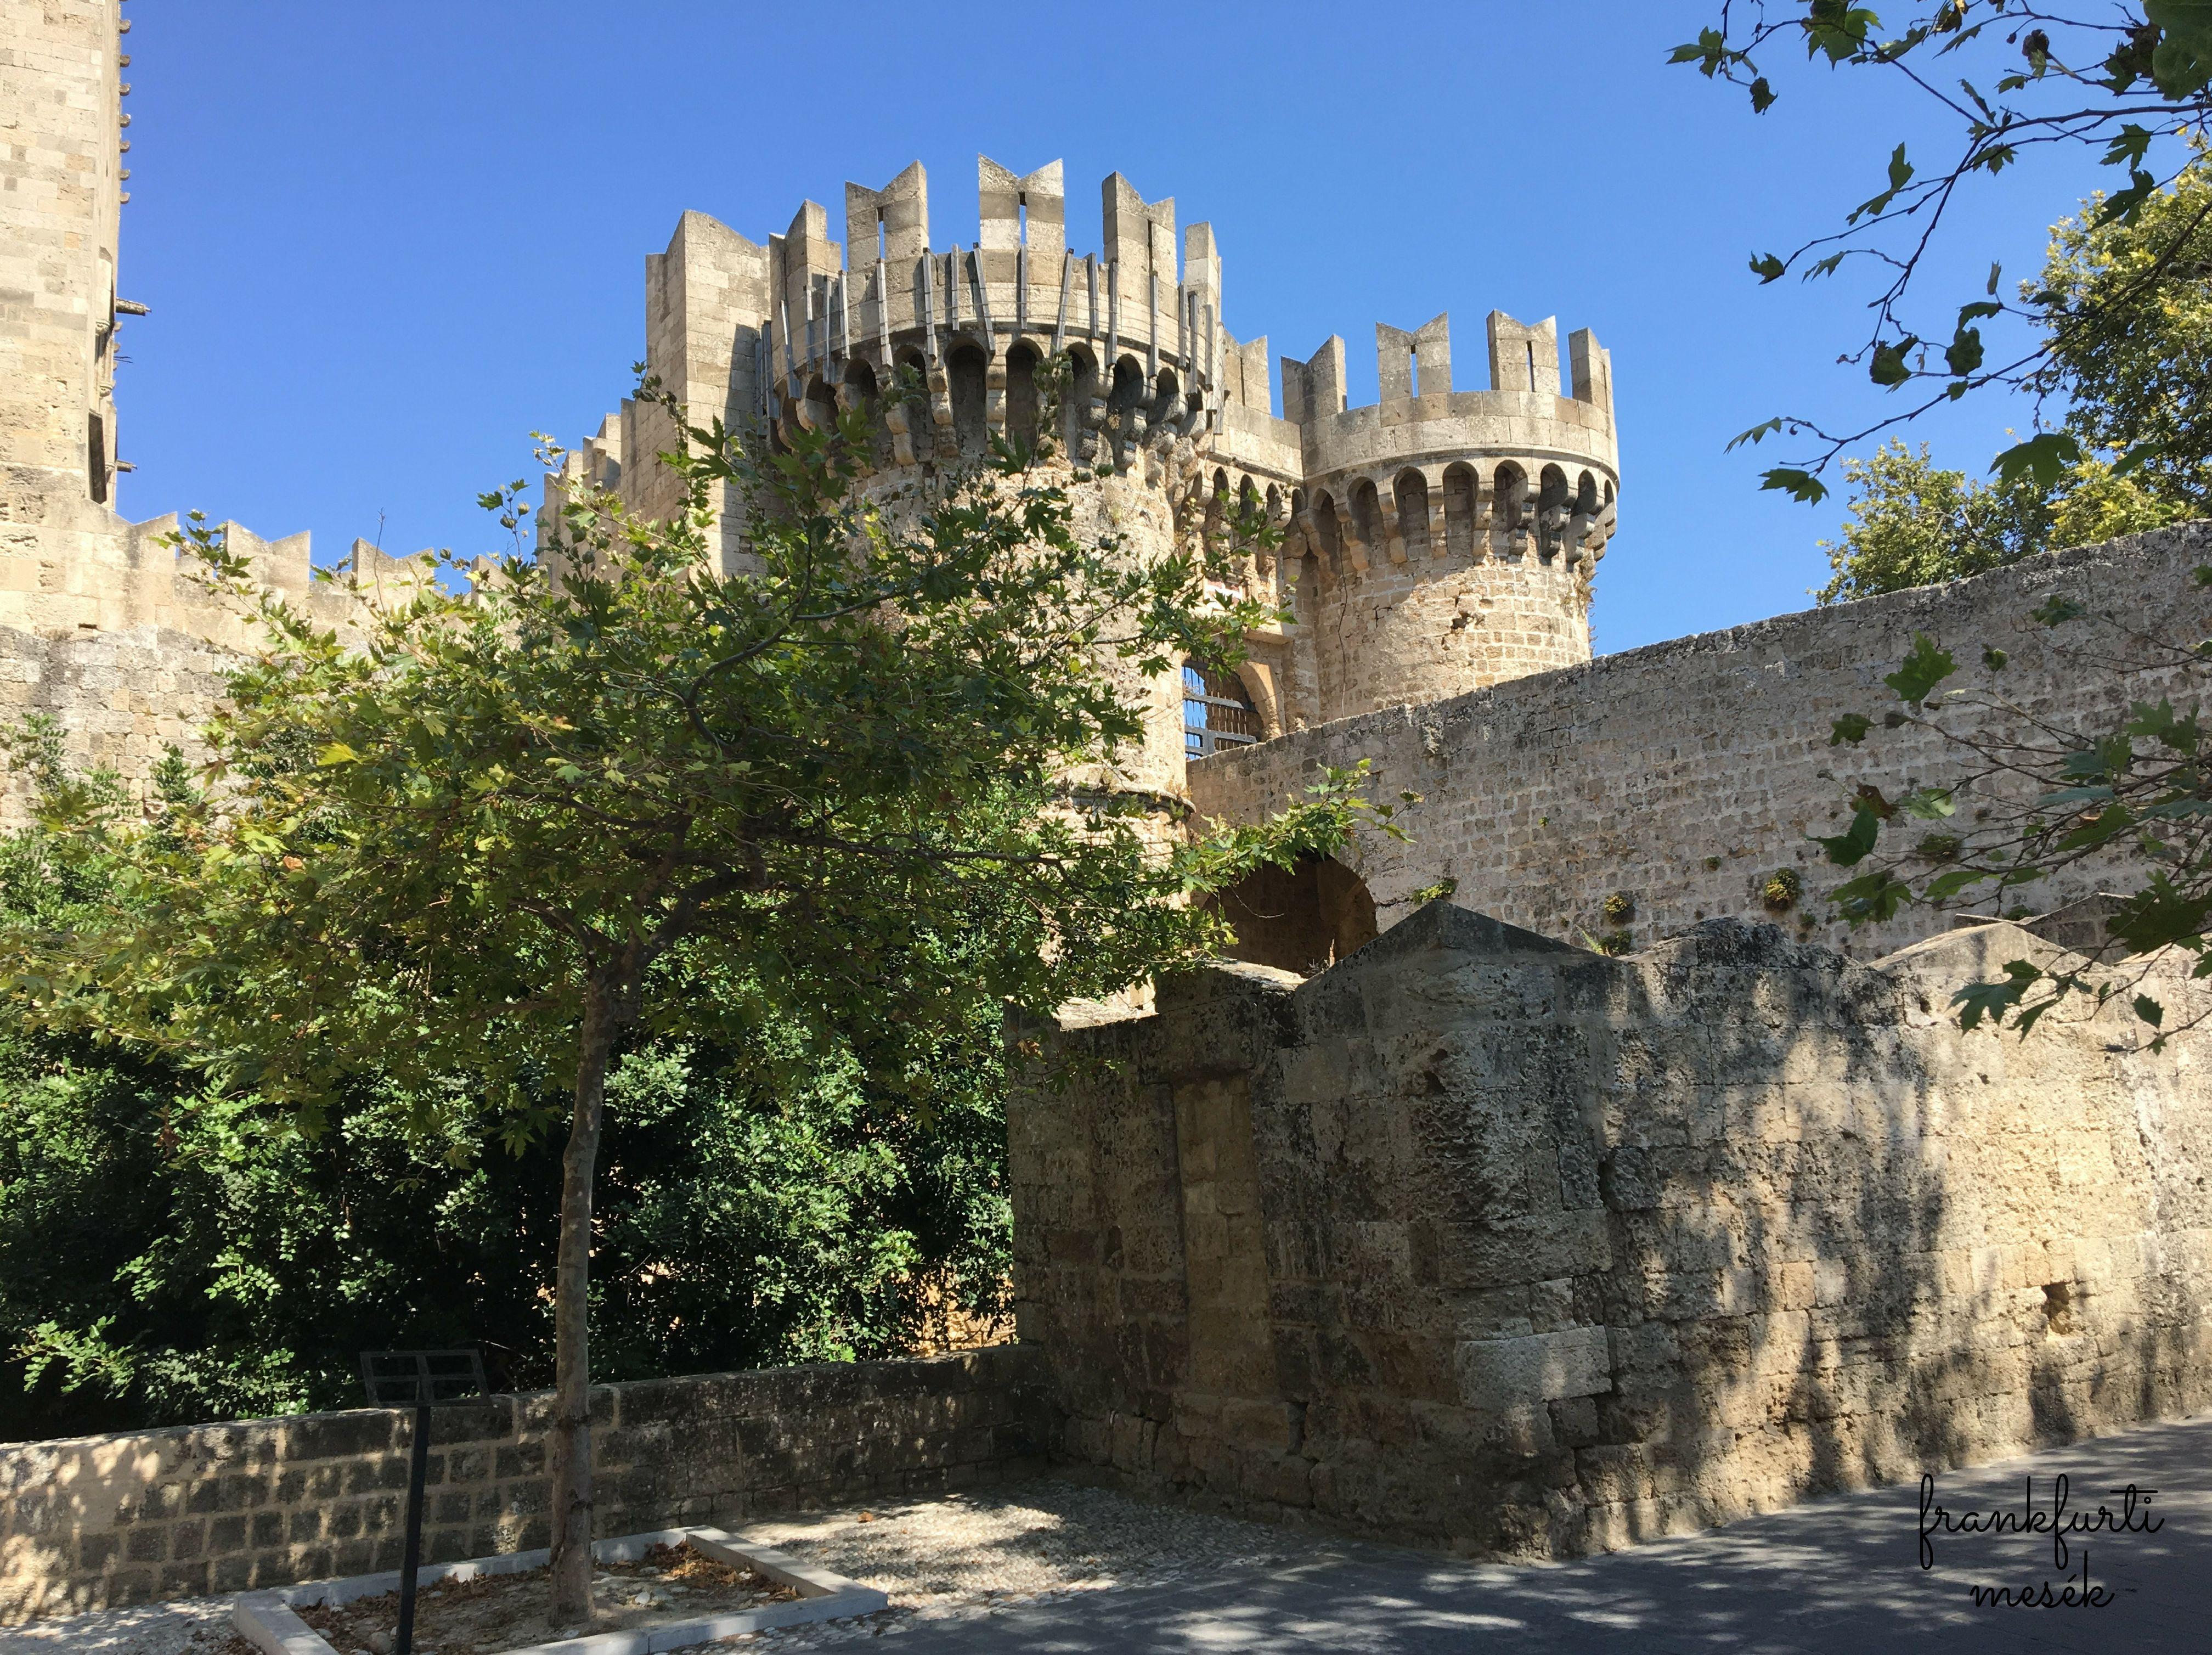 Nagymester Palota (Grand Master Palace)